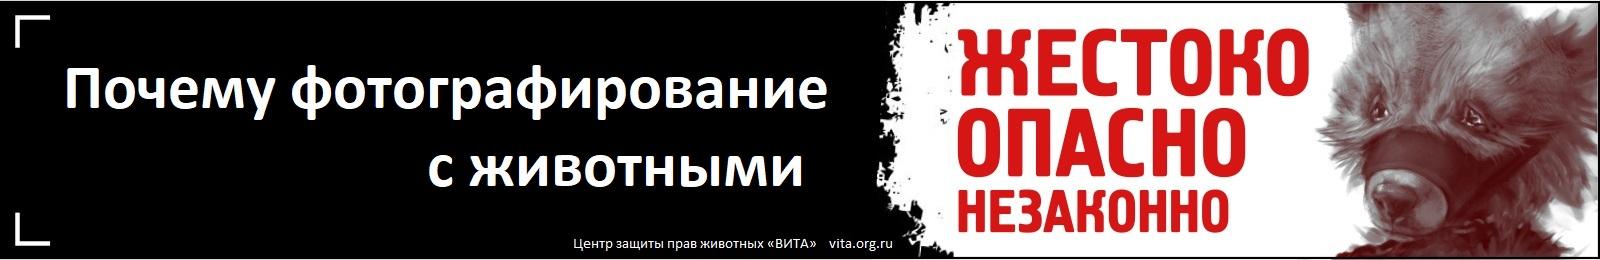 Впервые в России! Социальная реклама против фотобизнеса                с животными в метро и на улицах Санкт-Петербурга - Сентябрь 2014